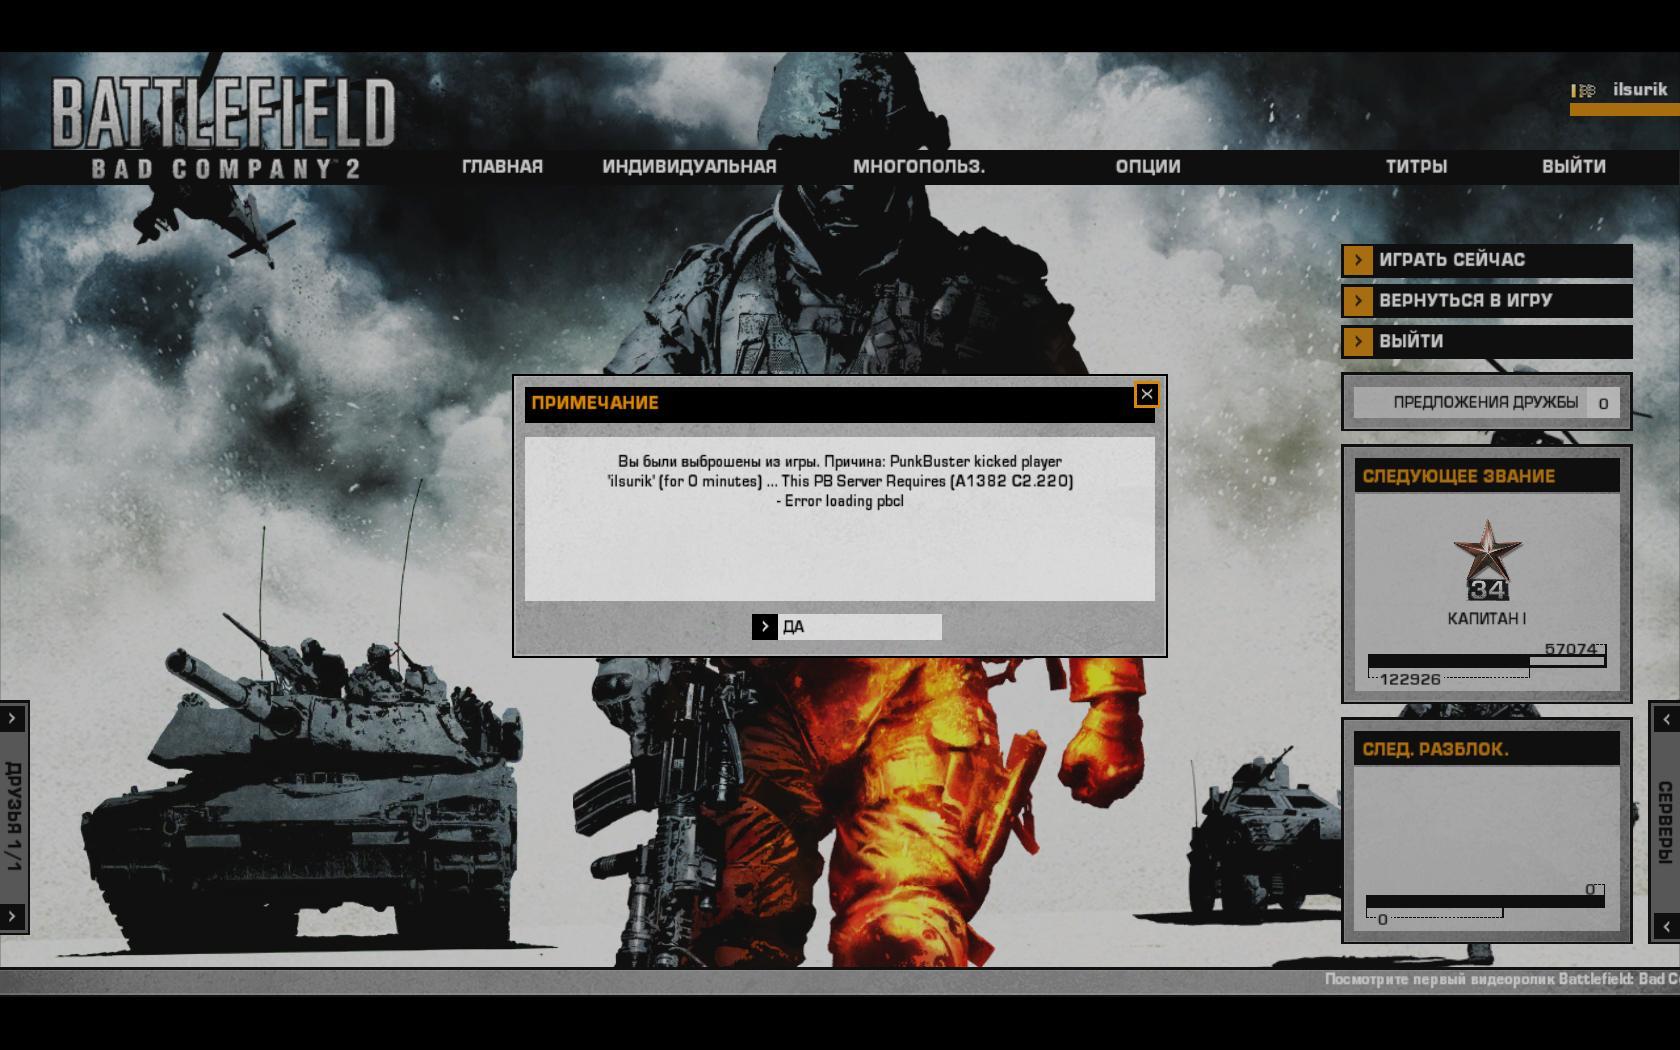 Почему не сохраняется игра battlefield-bad company 2